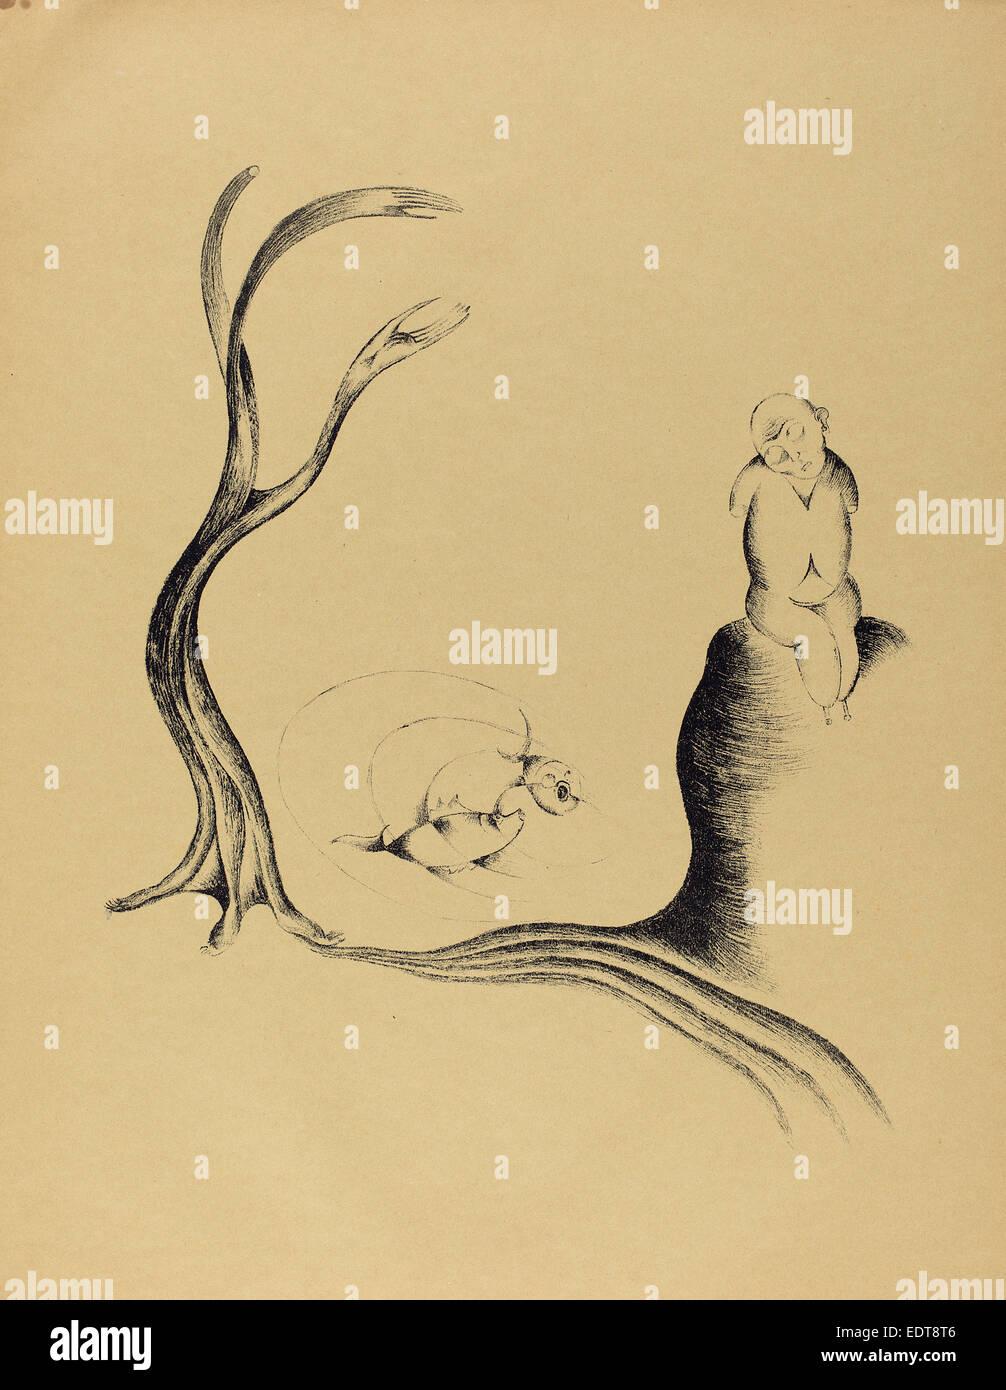 Heinrich Hoerle, Der Baum der Sehnsucht (der Baum der Sehnsucht), Deutsch, Lithographie 1895-1936, 1920, auf dem Stockbild